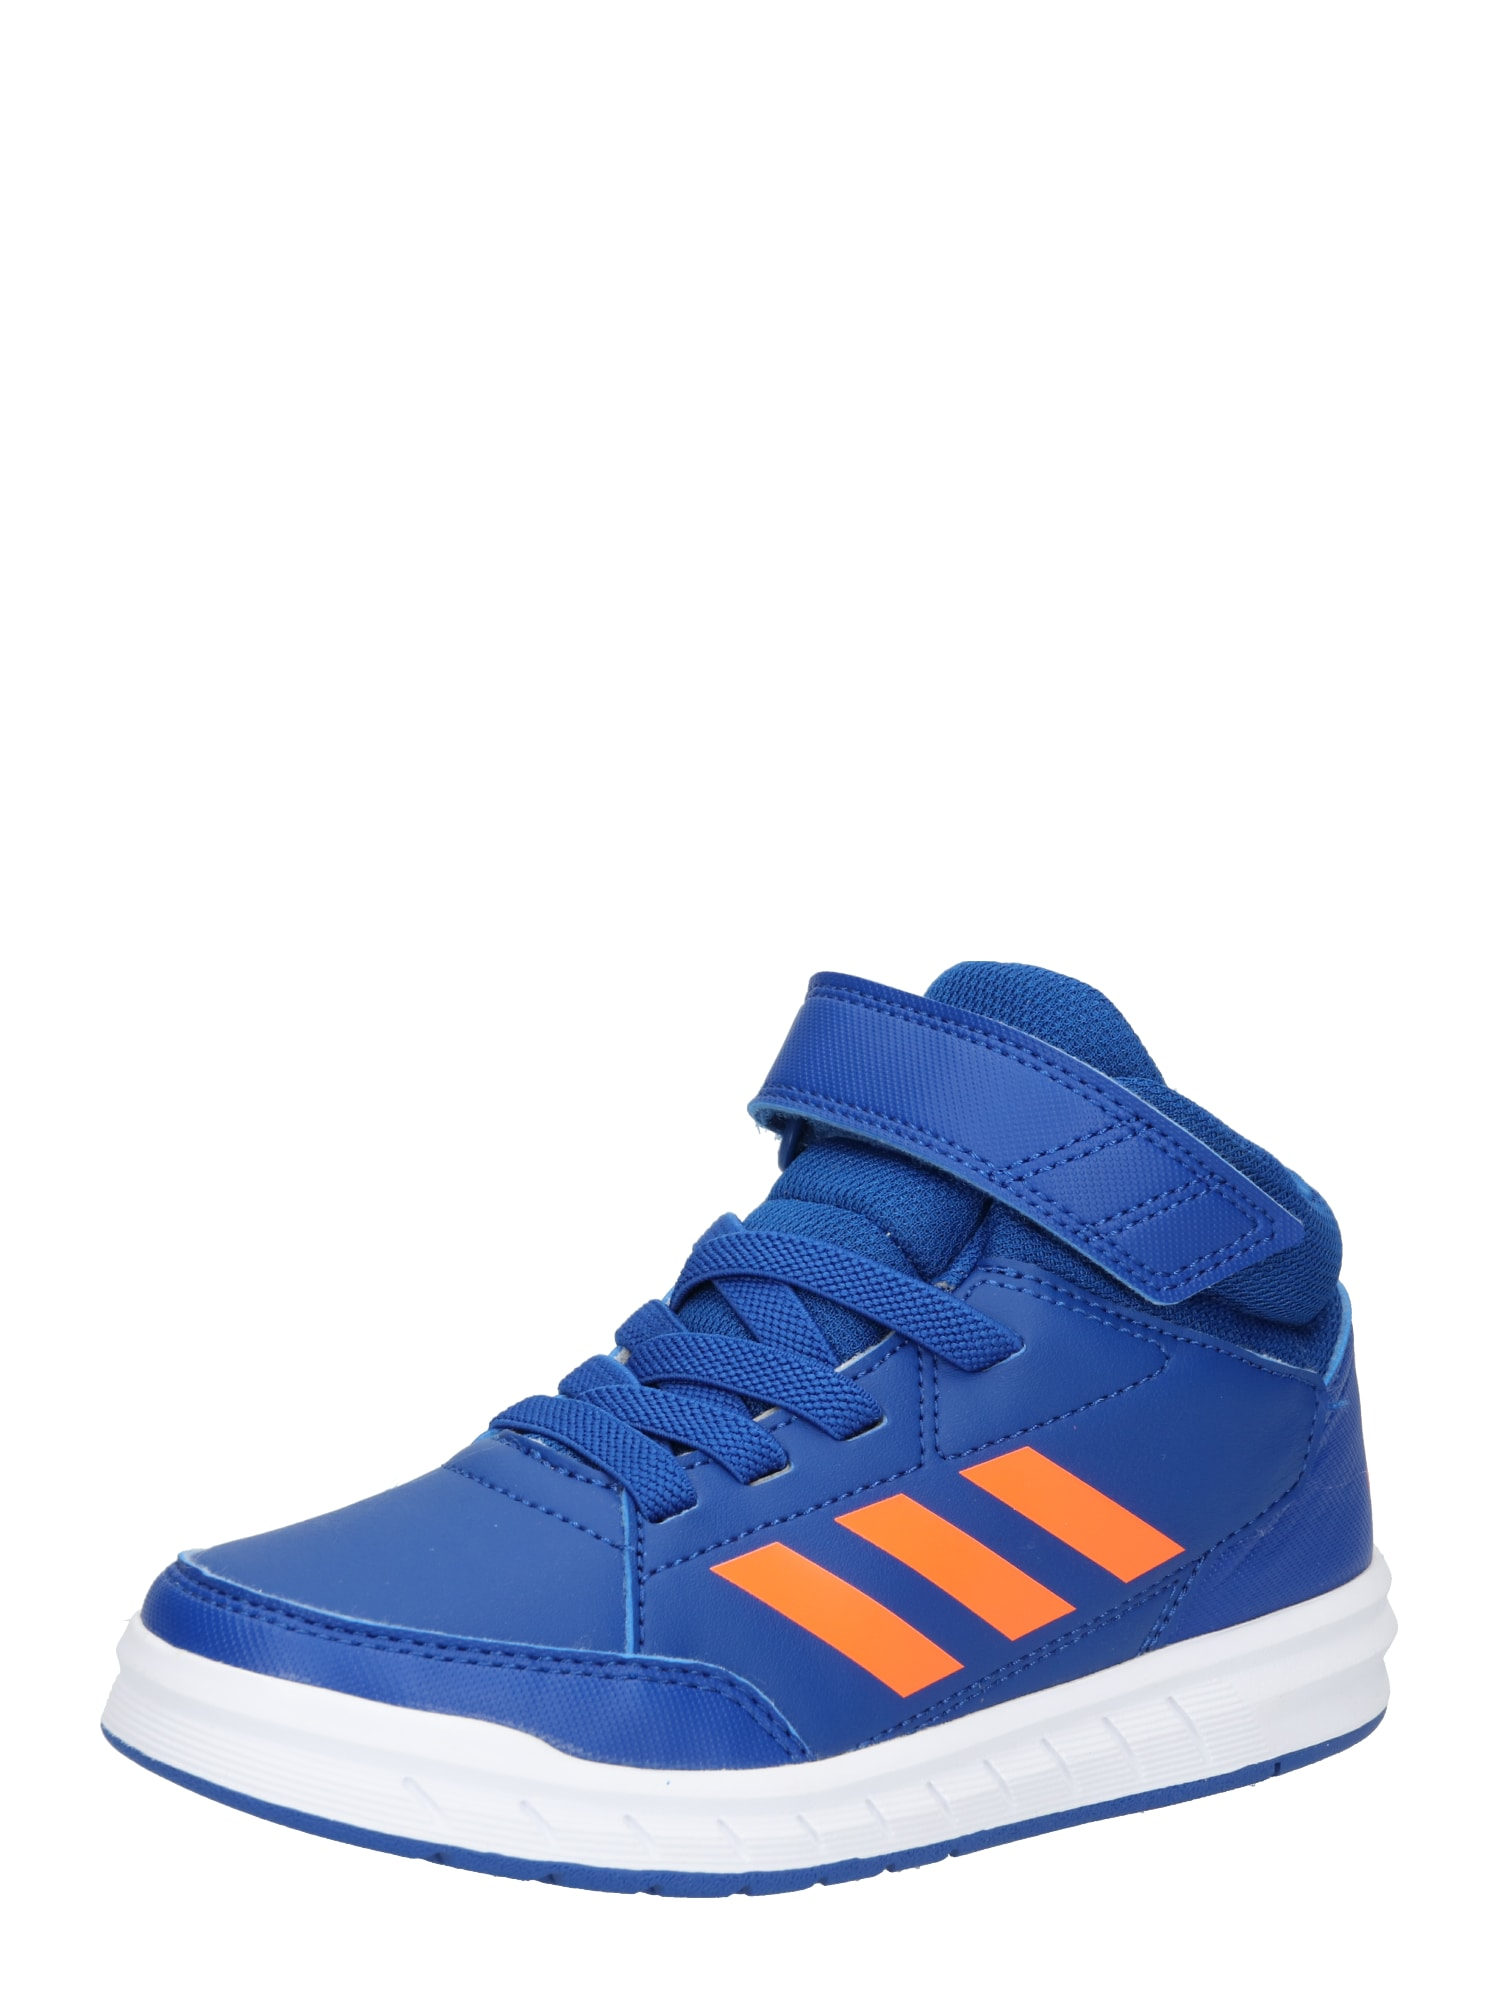 Sportovní boty AltaSport Mid K modrá oranžová ADIDAS PERFORMANCE